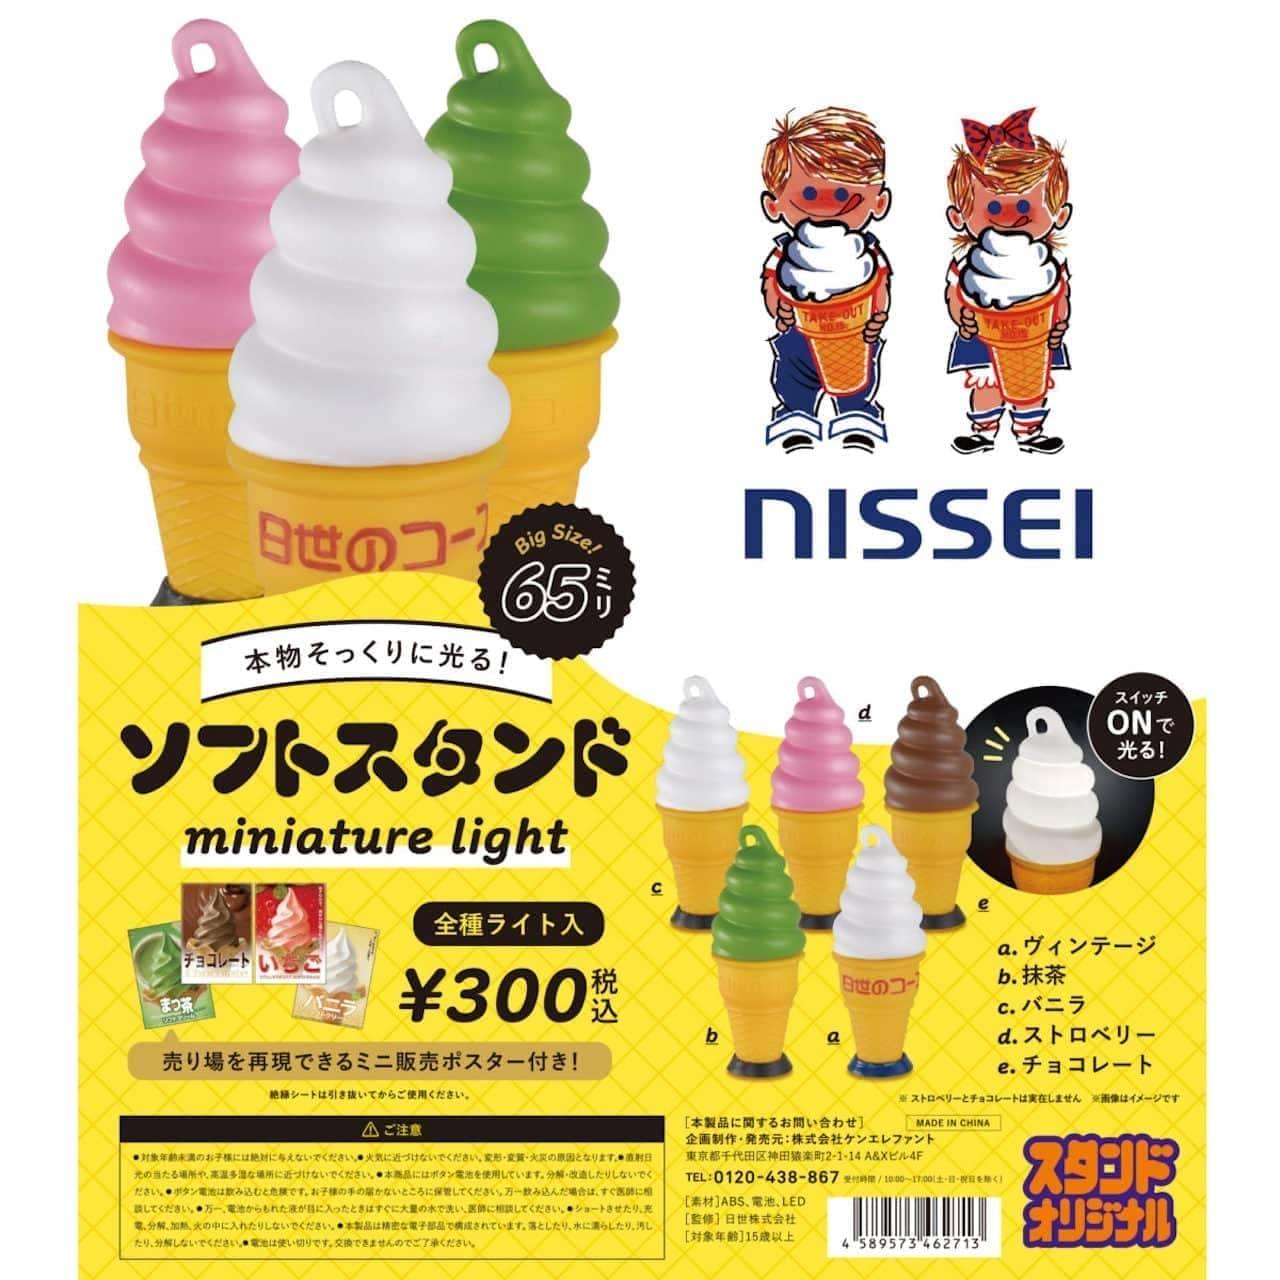 「NISSEI ソフトスタンド ミニチュアライト」ケンエレファントから